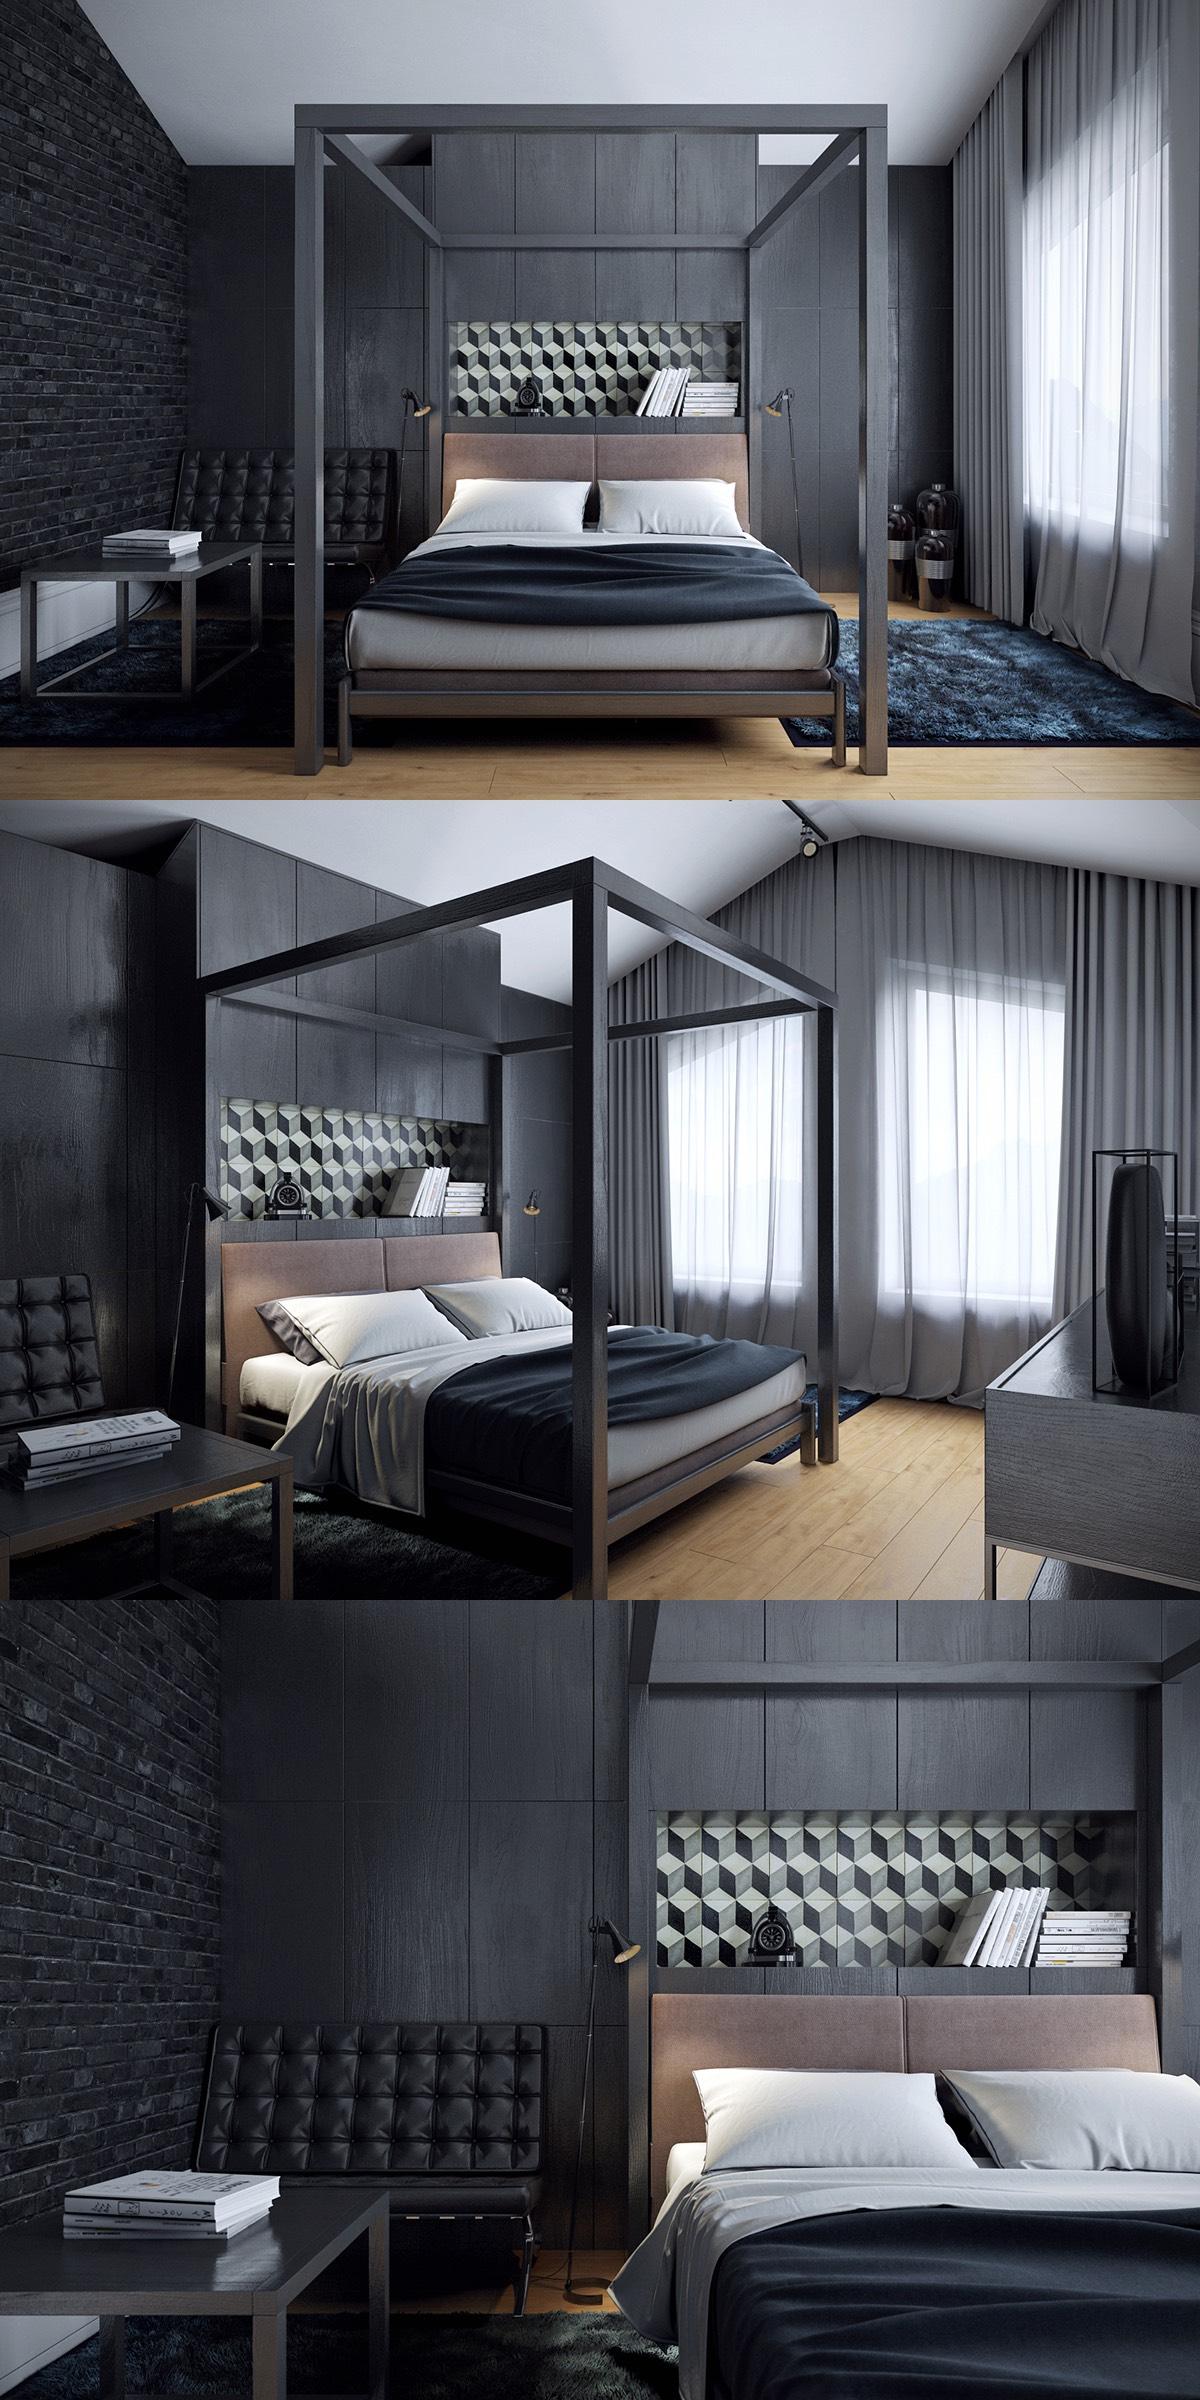 Dark bedroom concept